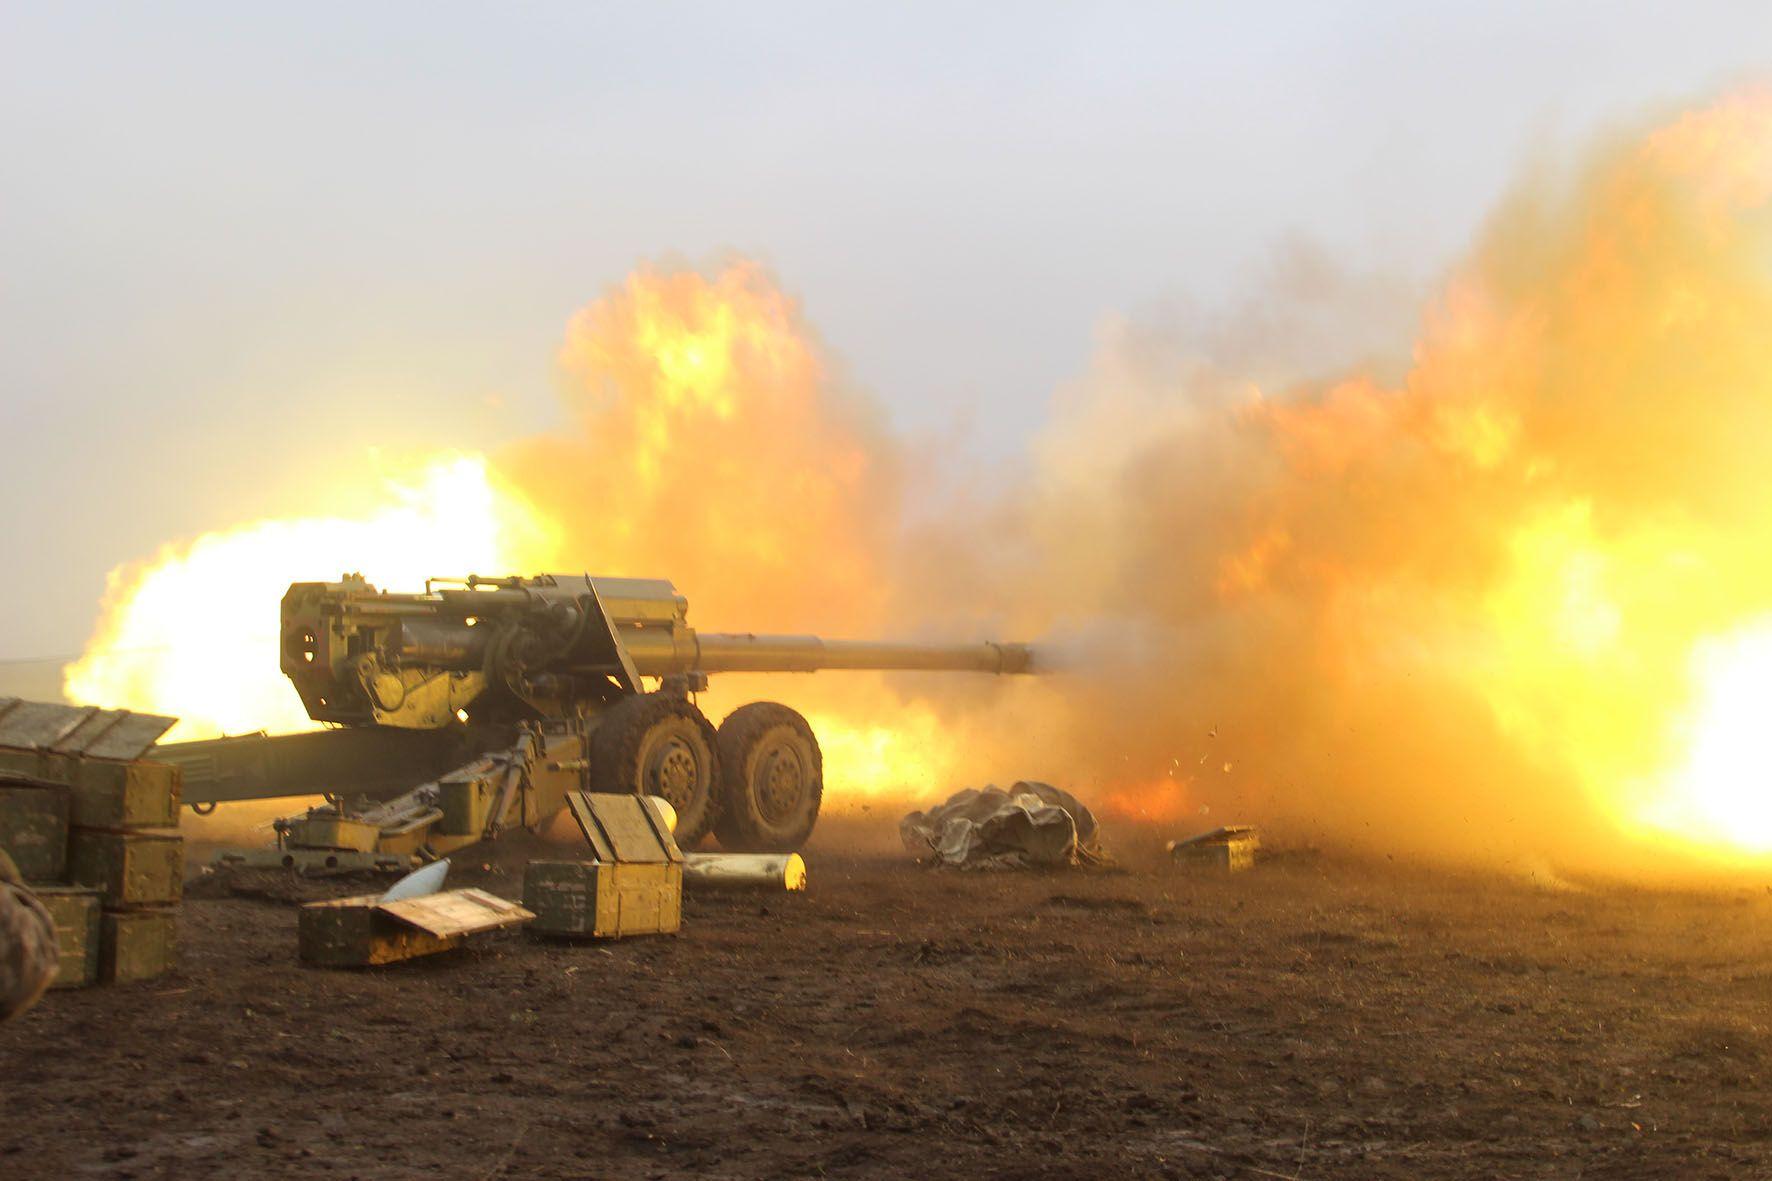 Боєць ООС заявив, що силовий сценарій на Донбасі зараз неможливий